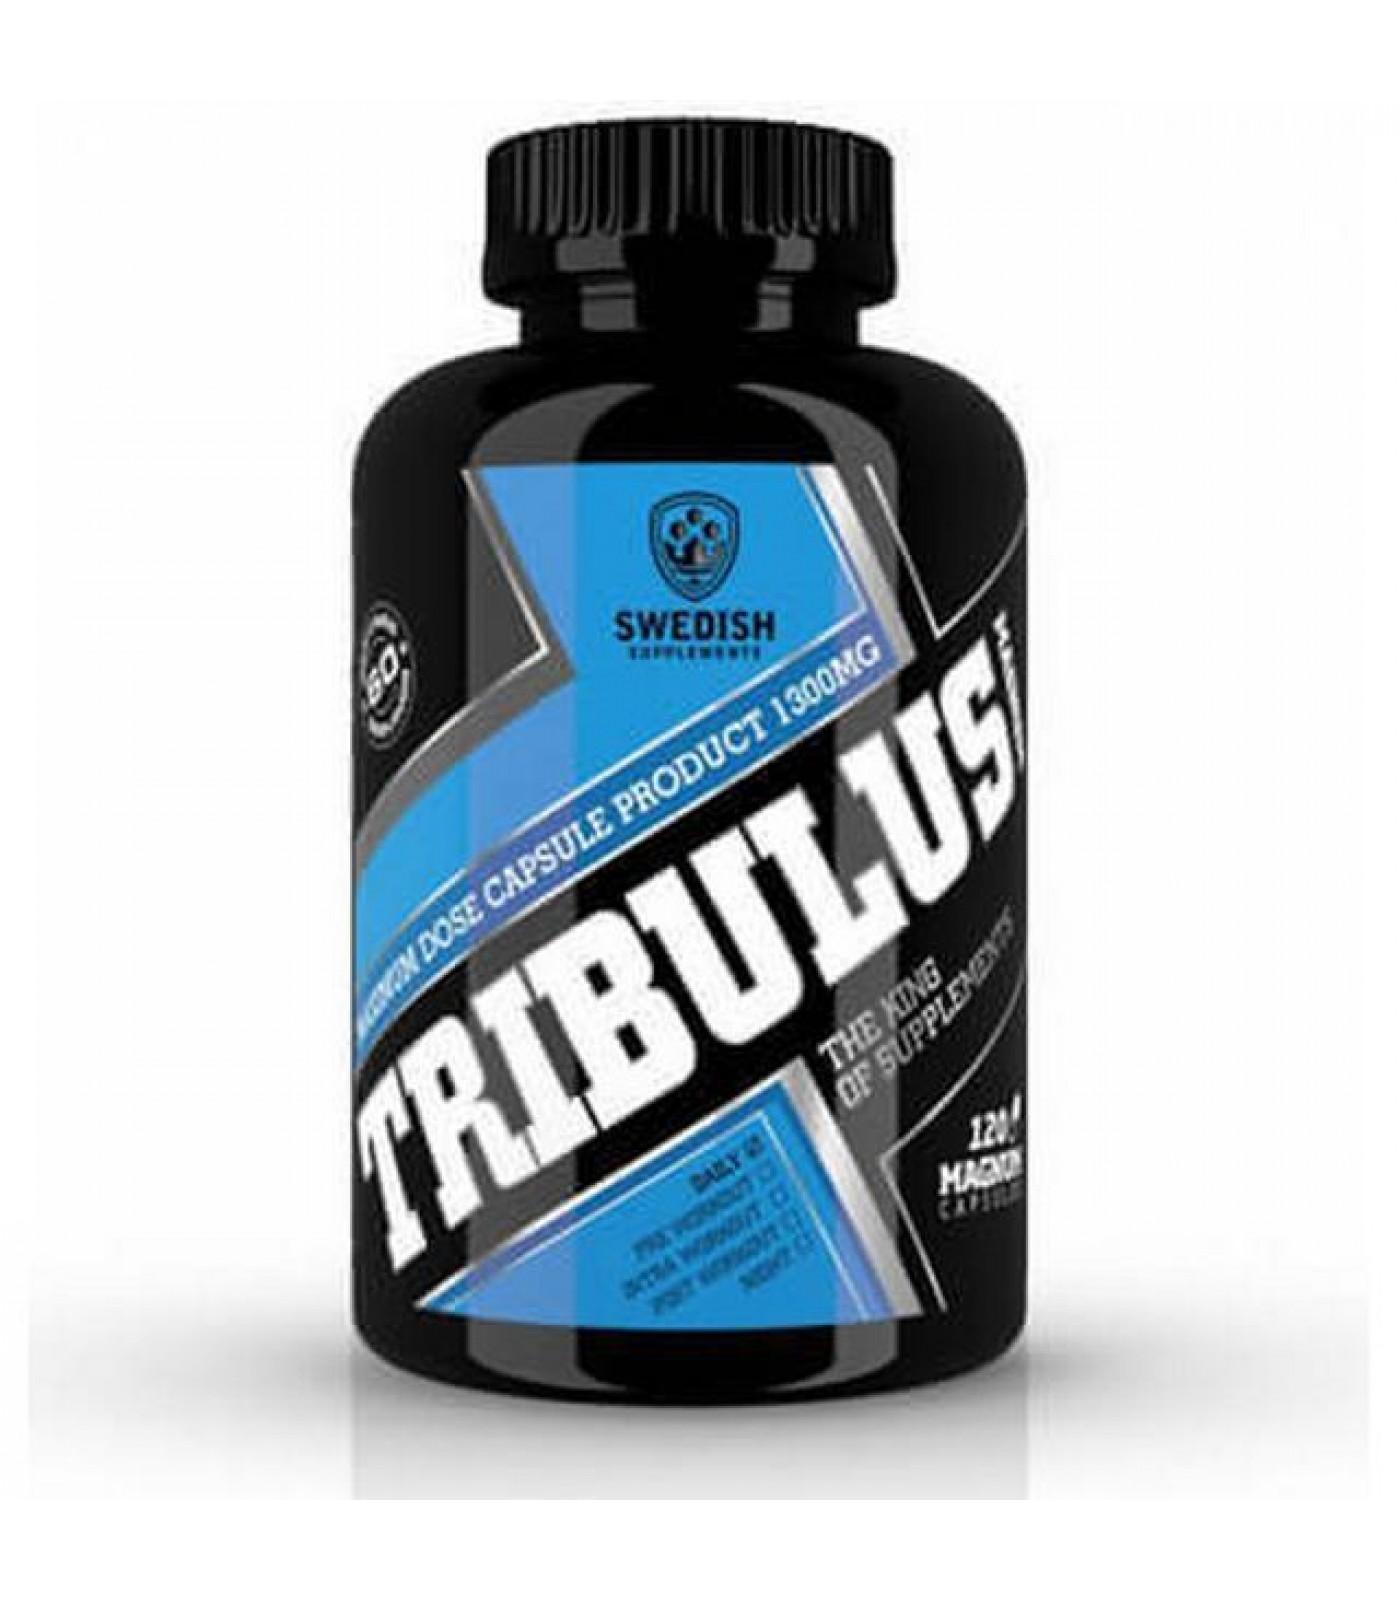 SWEDISH Supplements - Tribulus Magnum